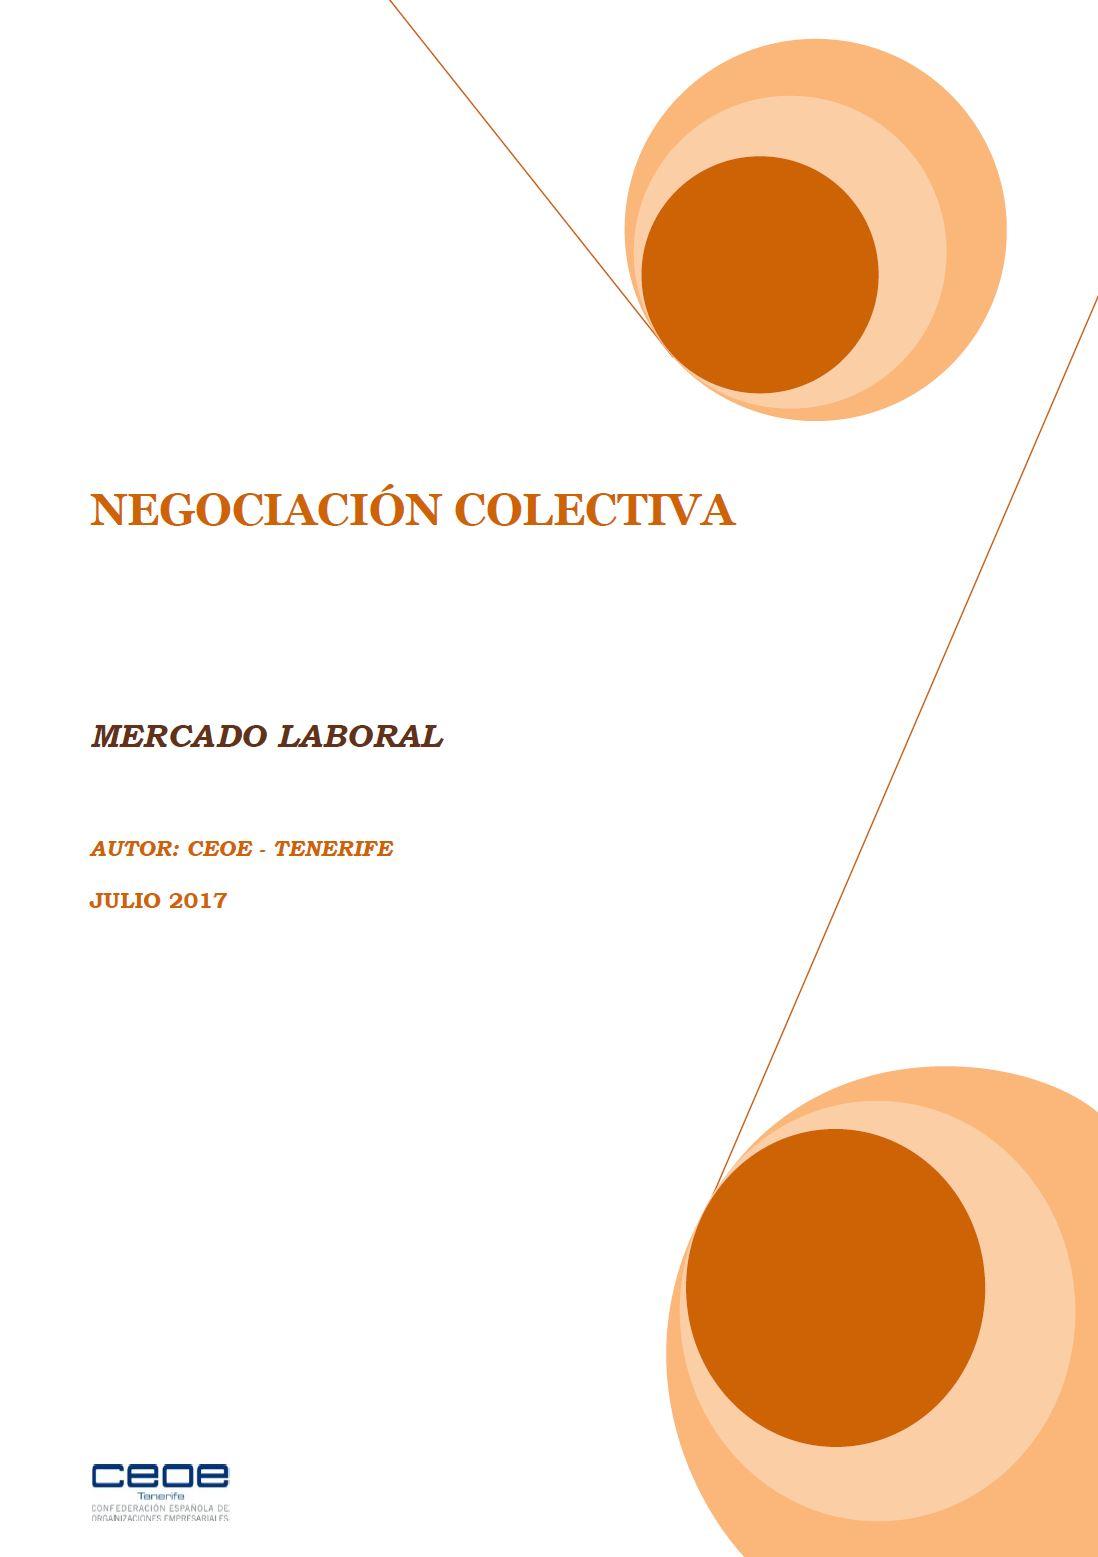 Julio Negociacion Colectiva